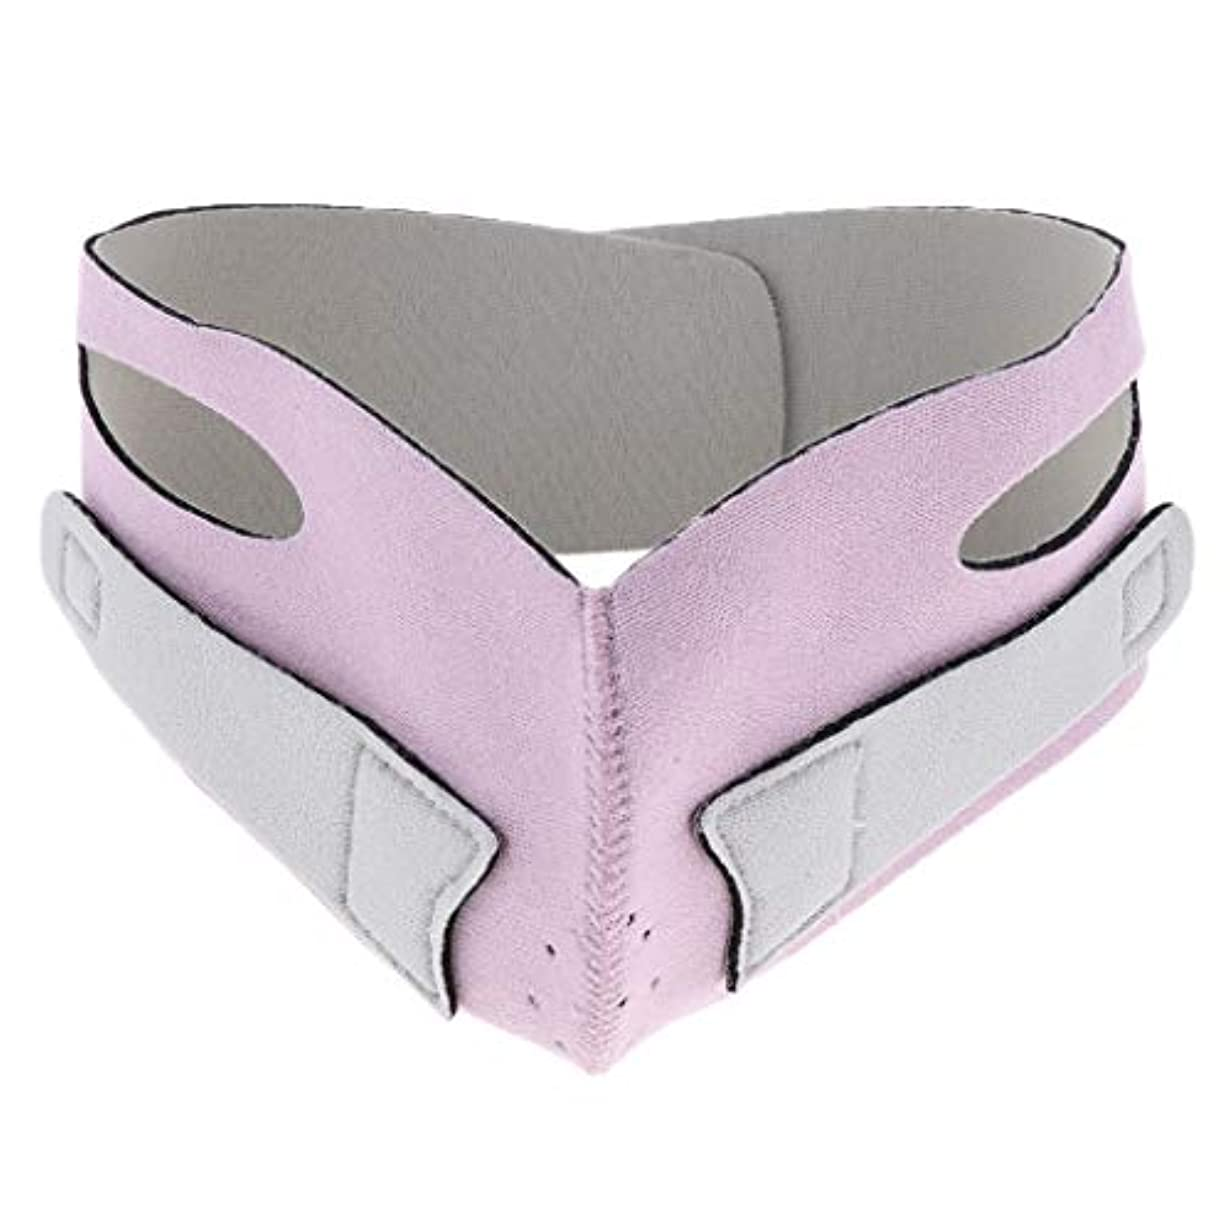 きれいに手数料終わらせる引き上げマスク 頬リフトアップ V-ラインマスク リフティング リフトスリムマスク 通気性 全2色 - ピンク